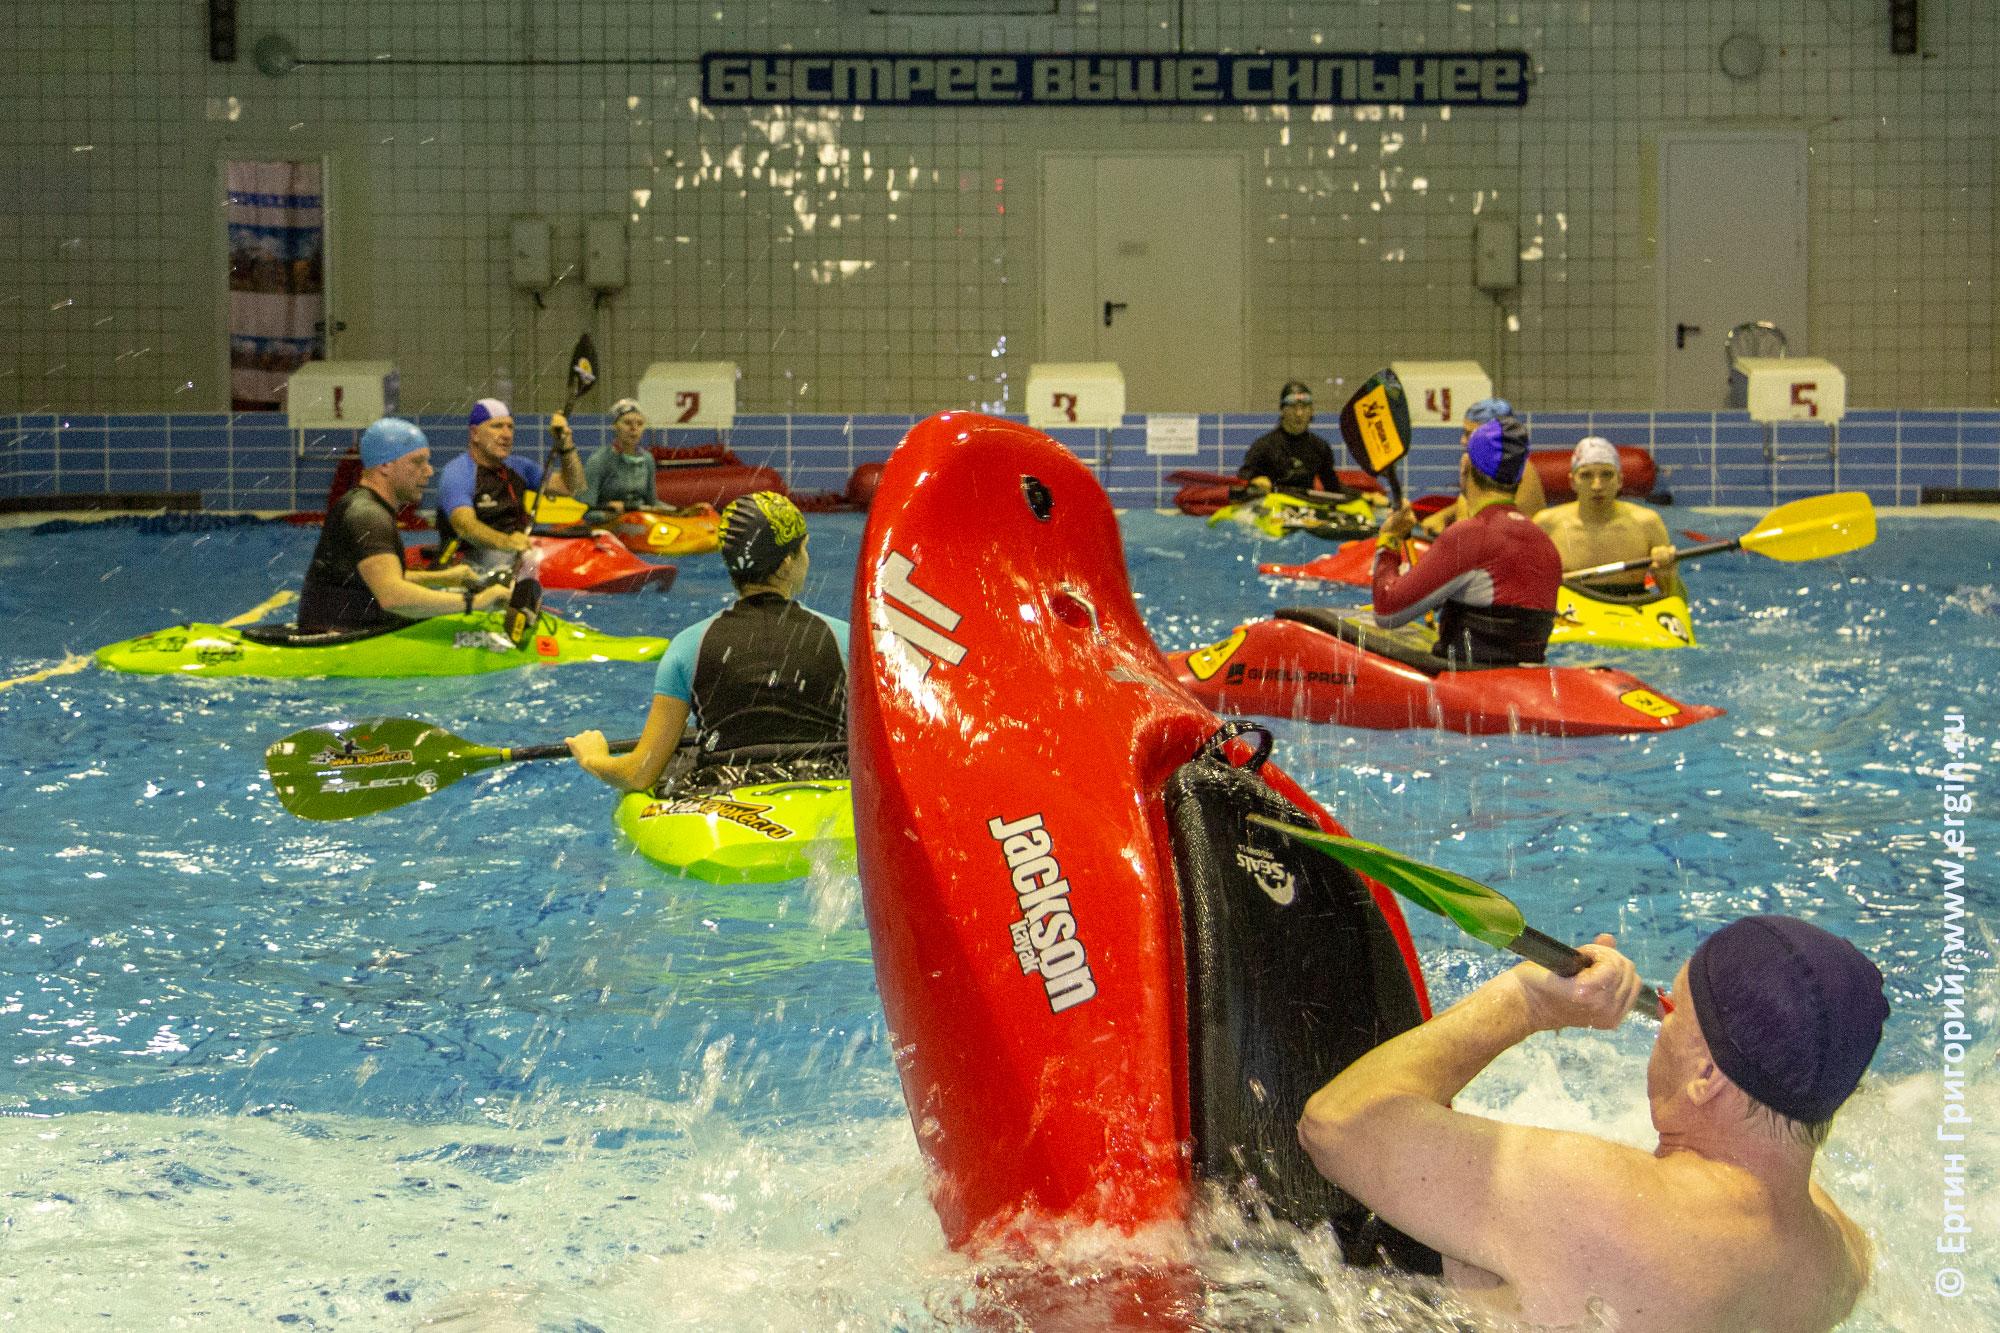 Обучение фристайл-каякингу в бассейне в Санкт-Петербурге